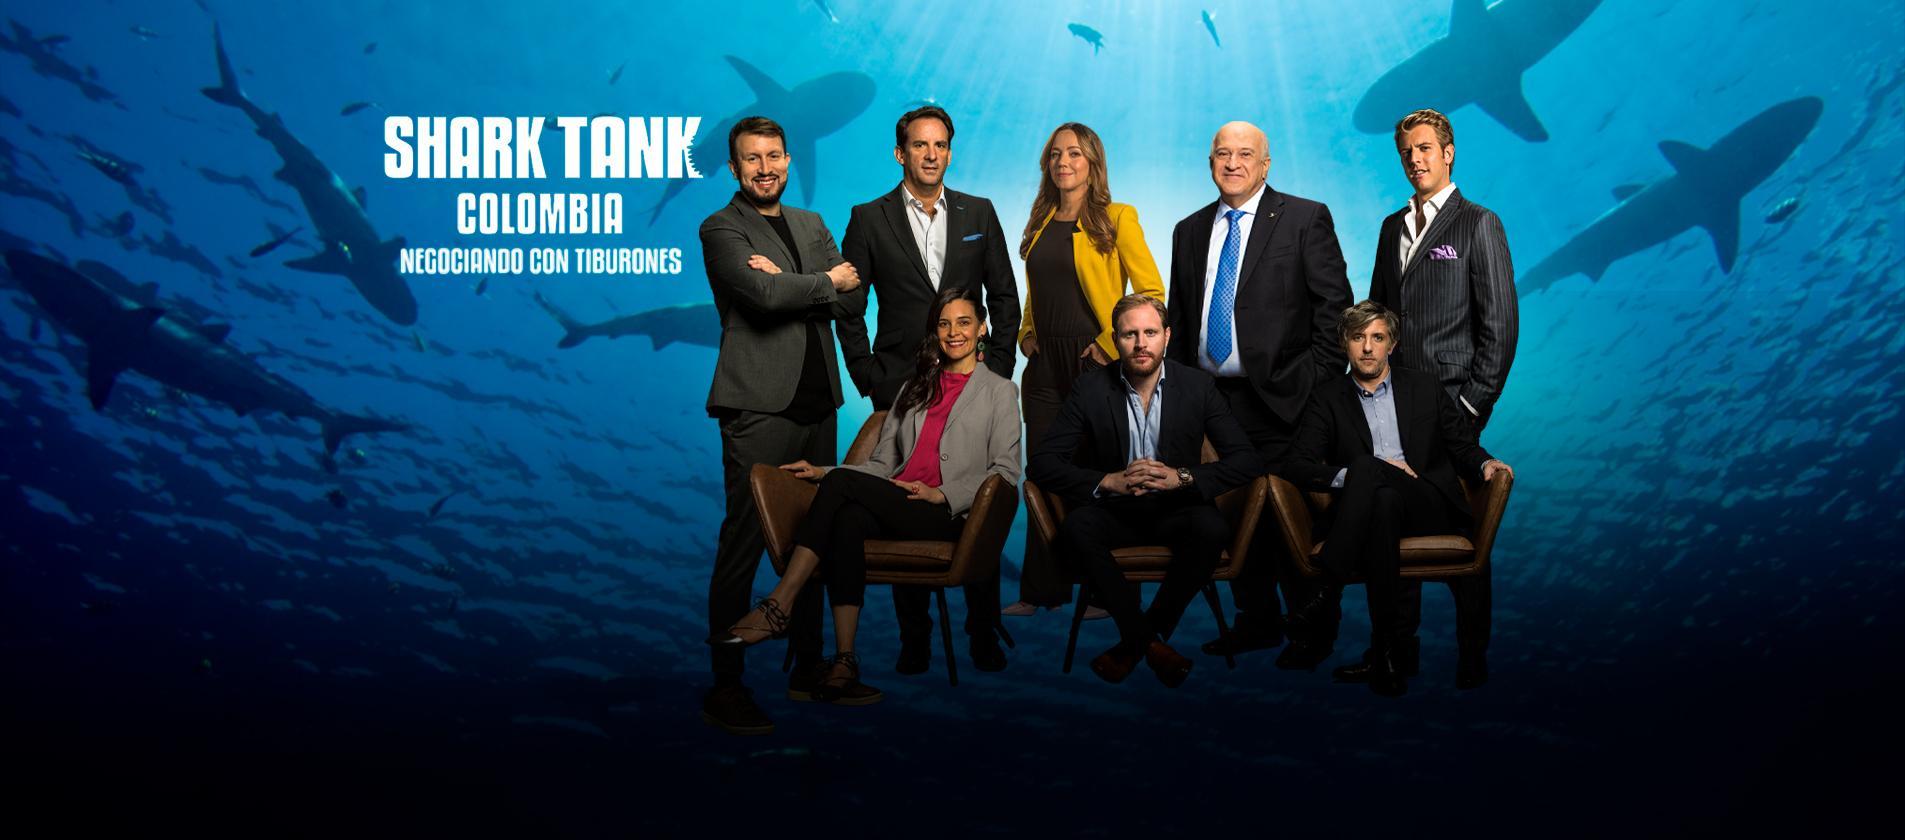 Shark Tank Colombia, negociando con tiburones